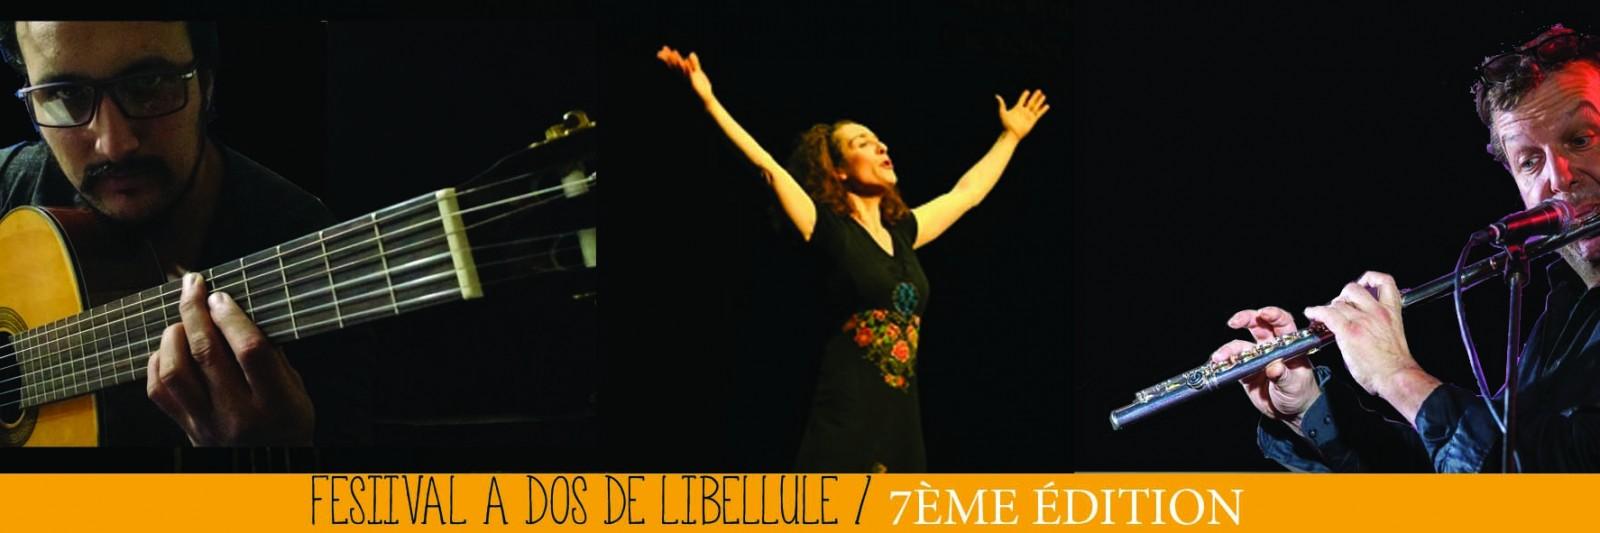 Festival A Dos de Libellule Edition 2017